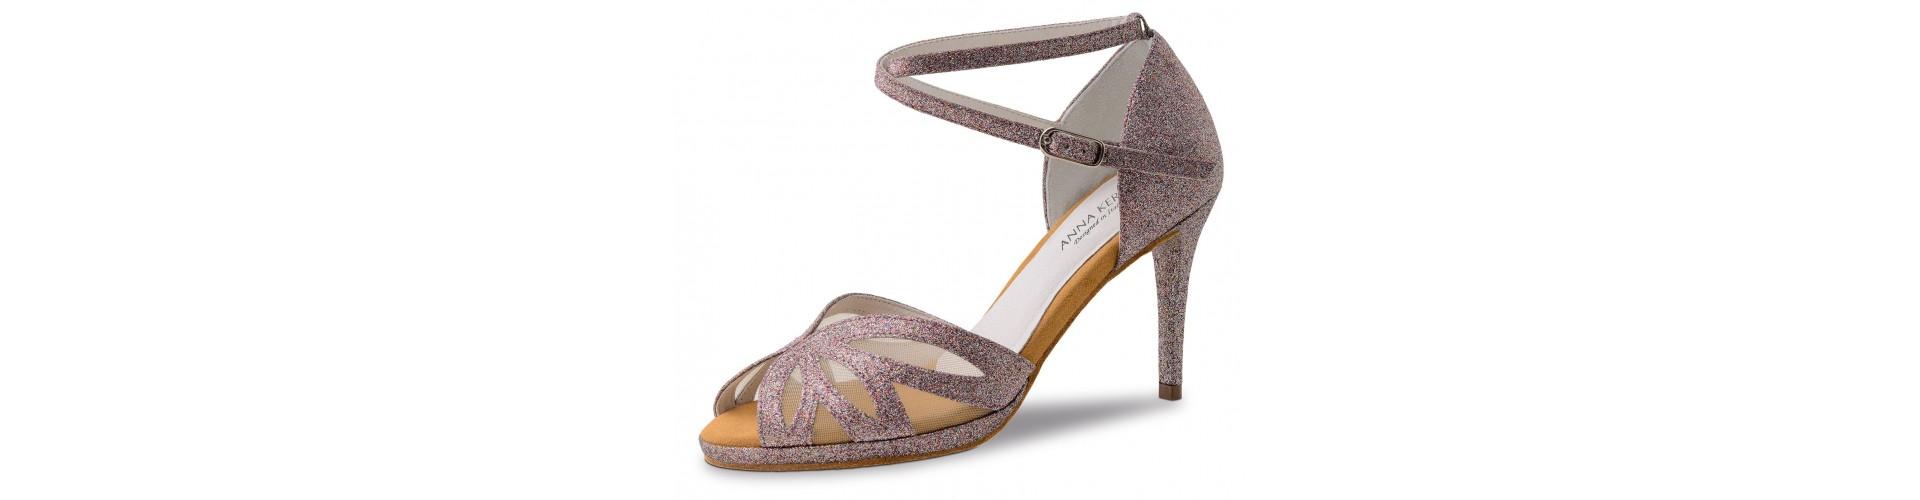 Chaussures danse de salon femme